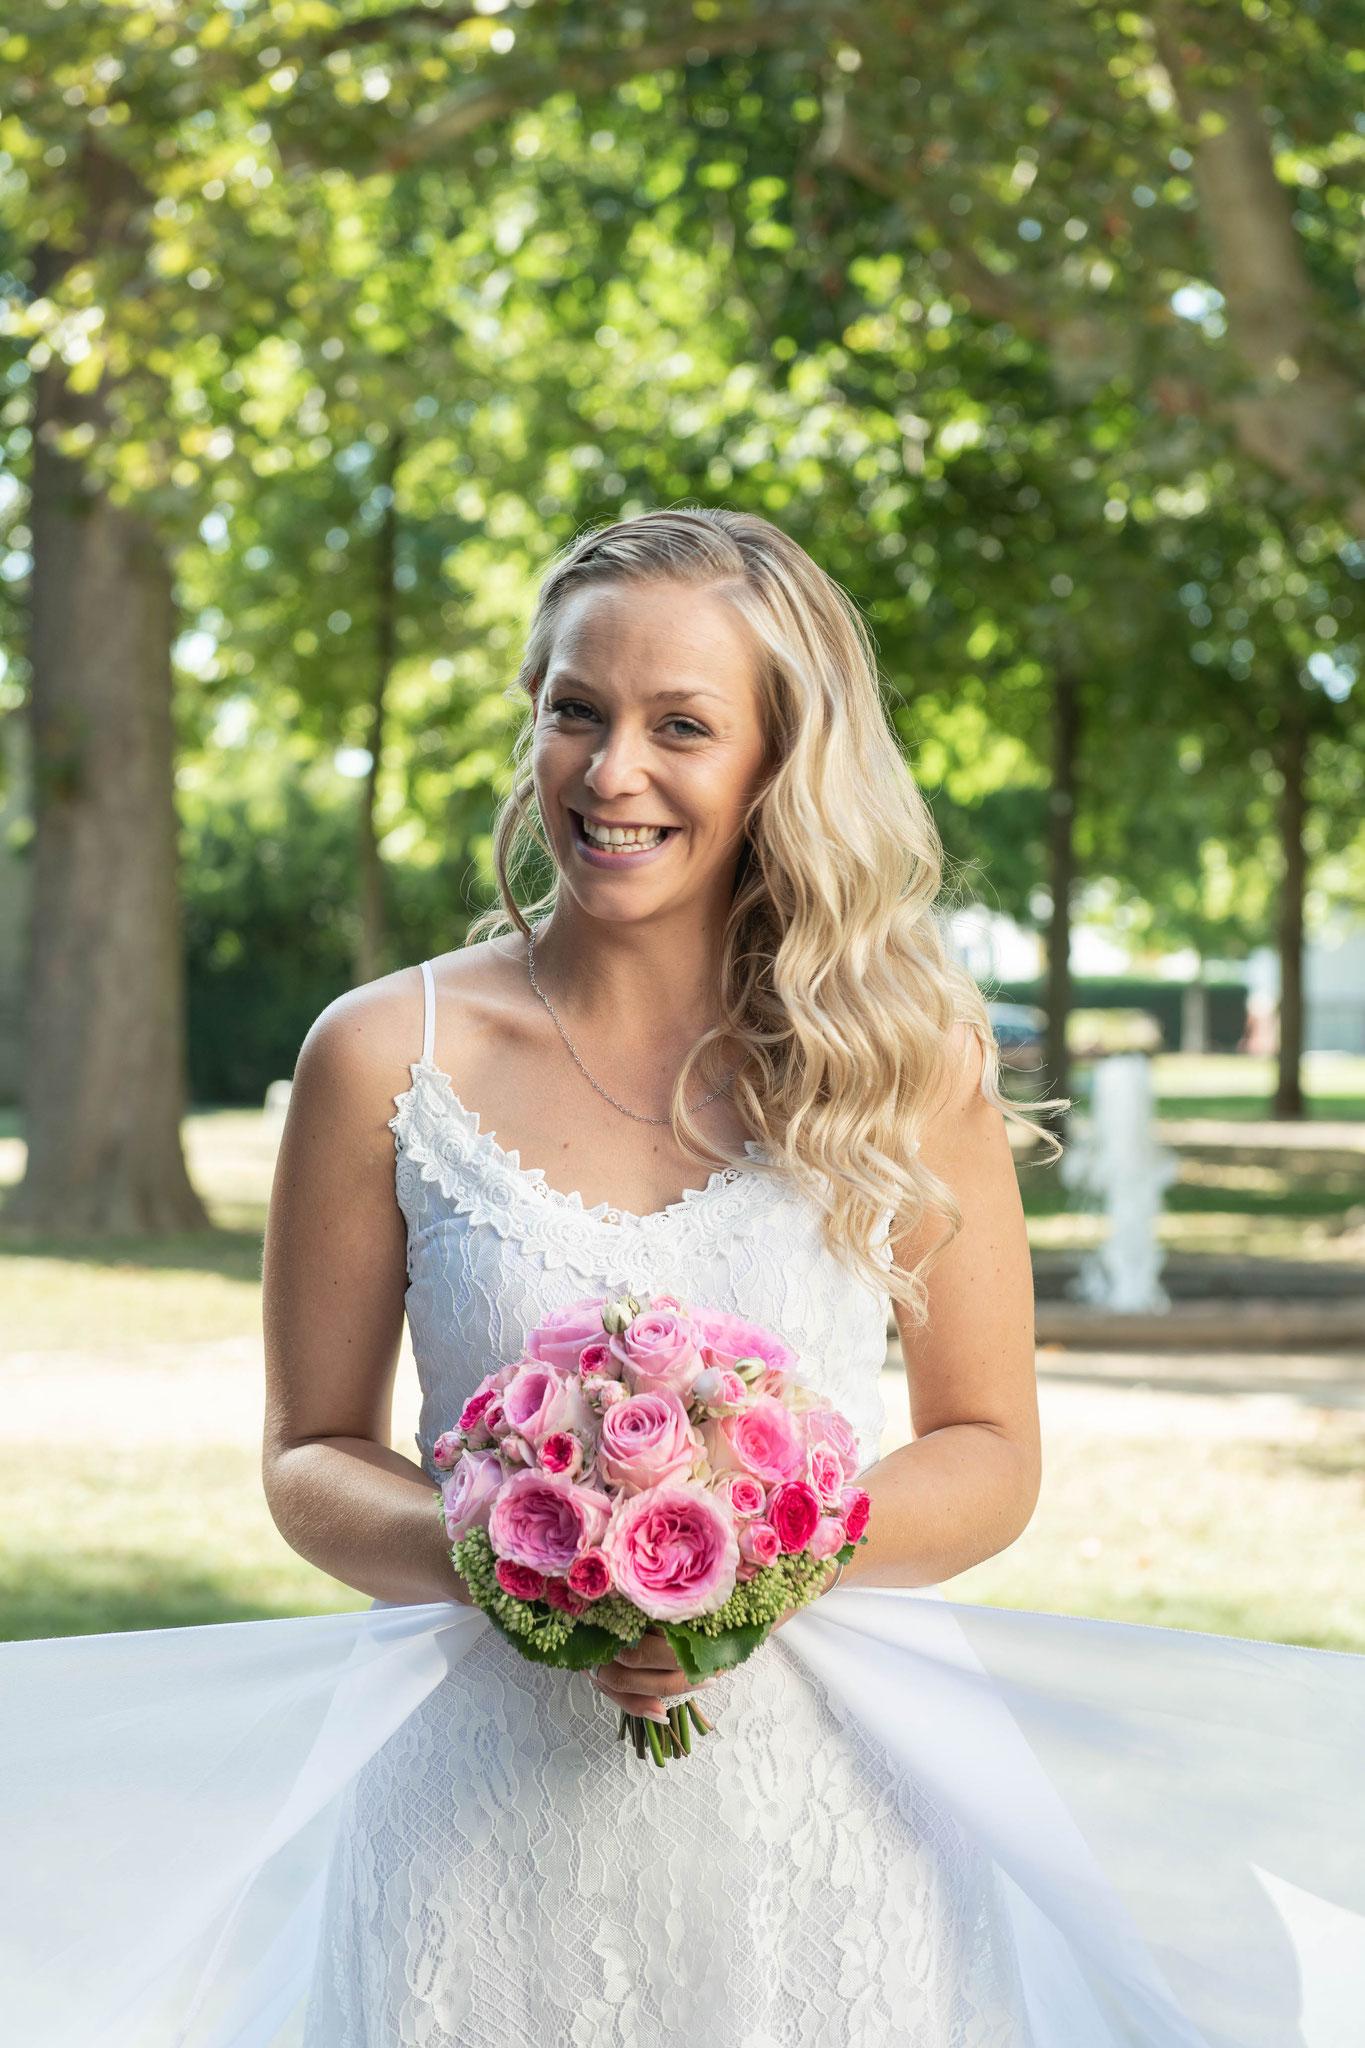 Braut voller Freude mit einem Blumenstrauß